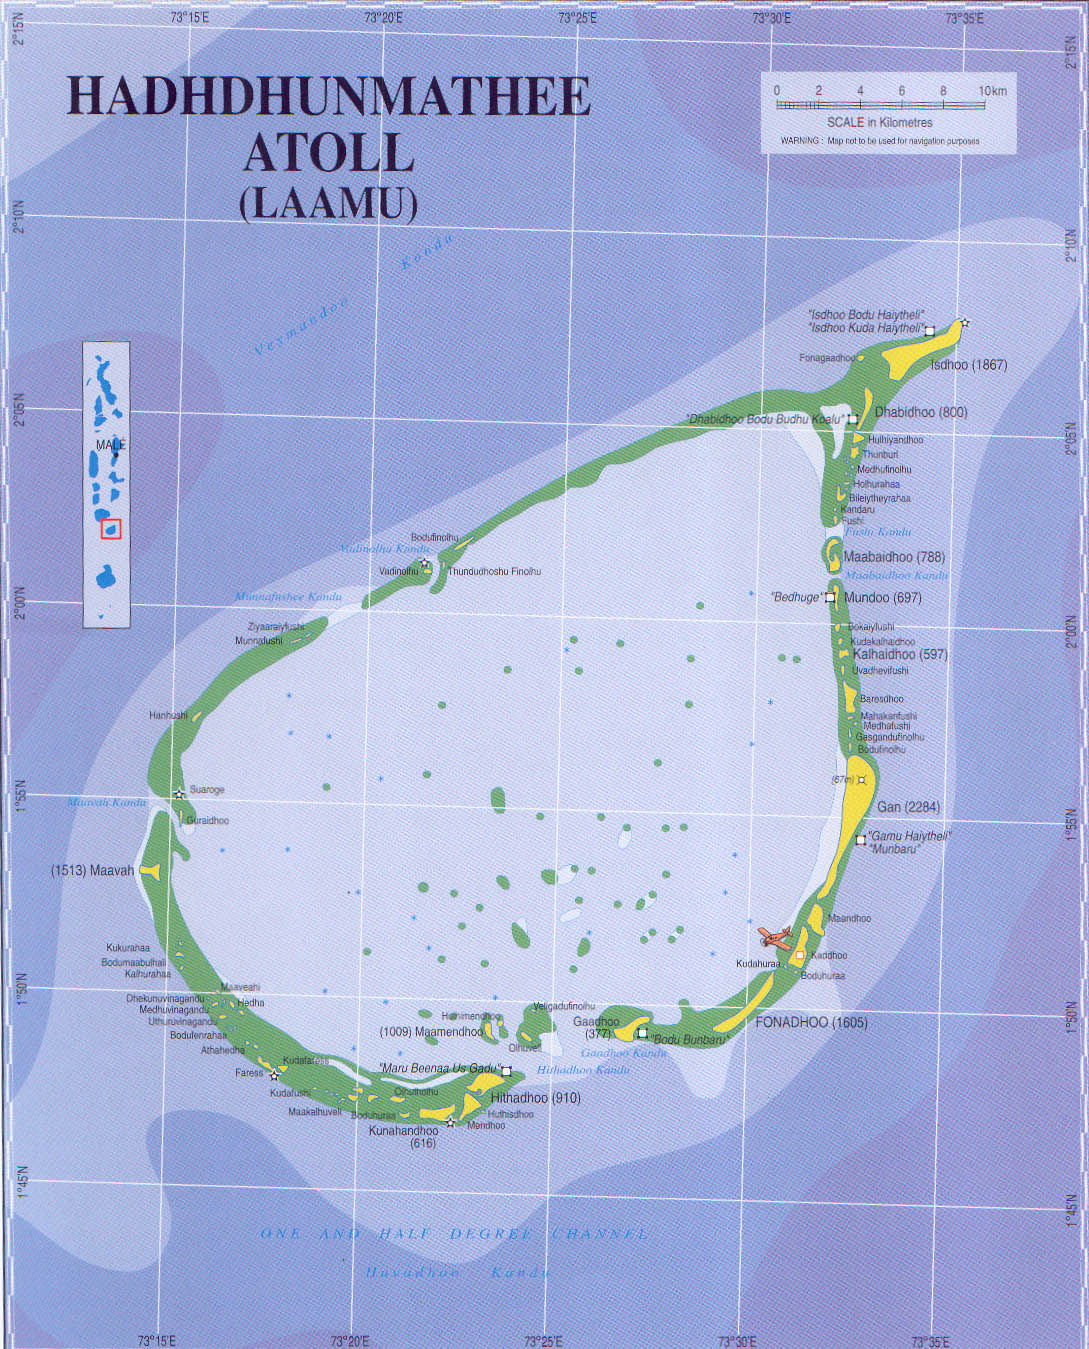 Maldives Maps